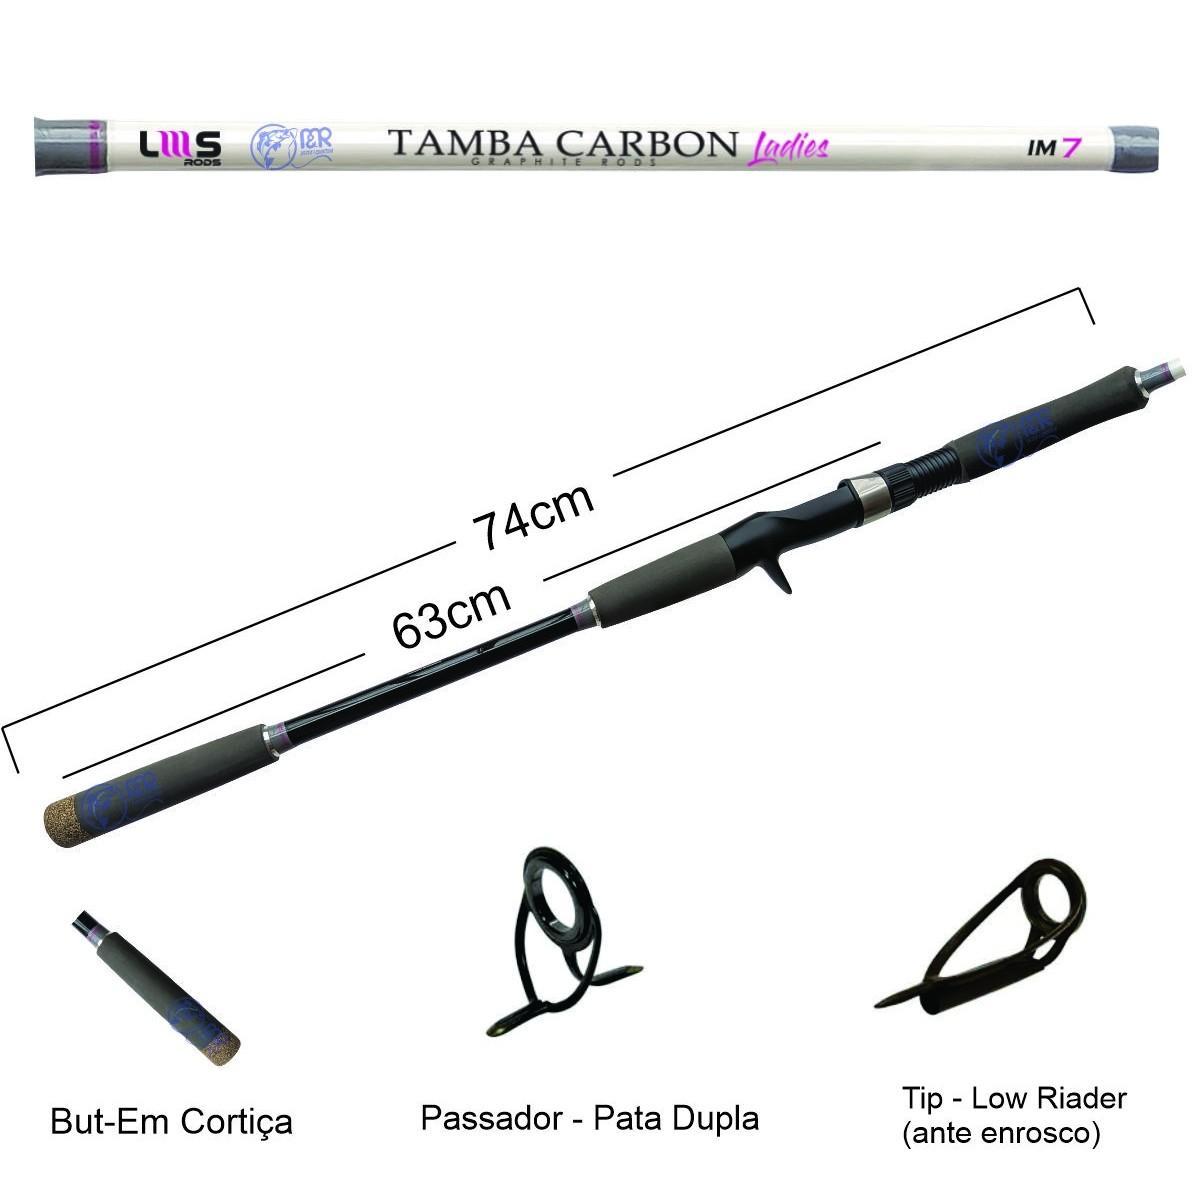 Vara Carretilha Tamba Carbon Ladies IM7 2.10m 50lb 2p Lumis